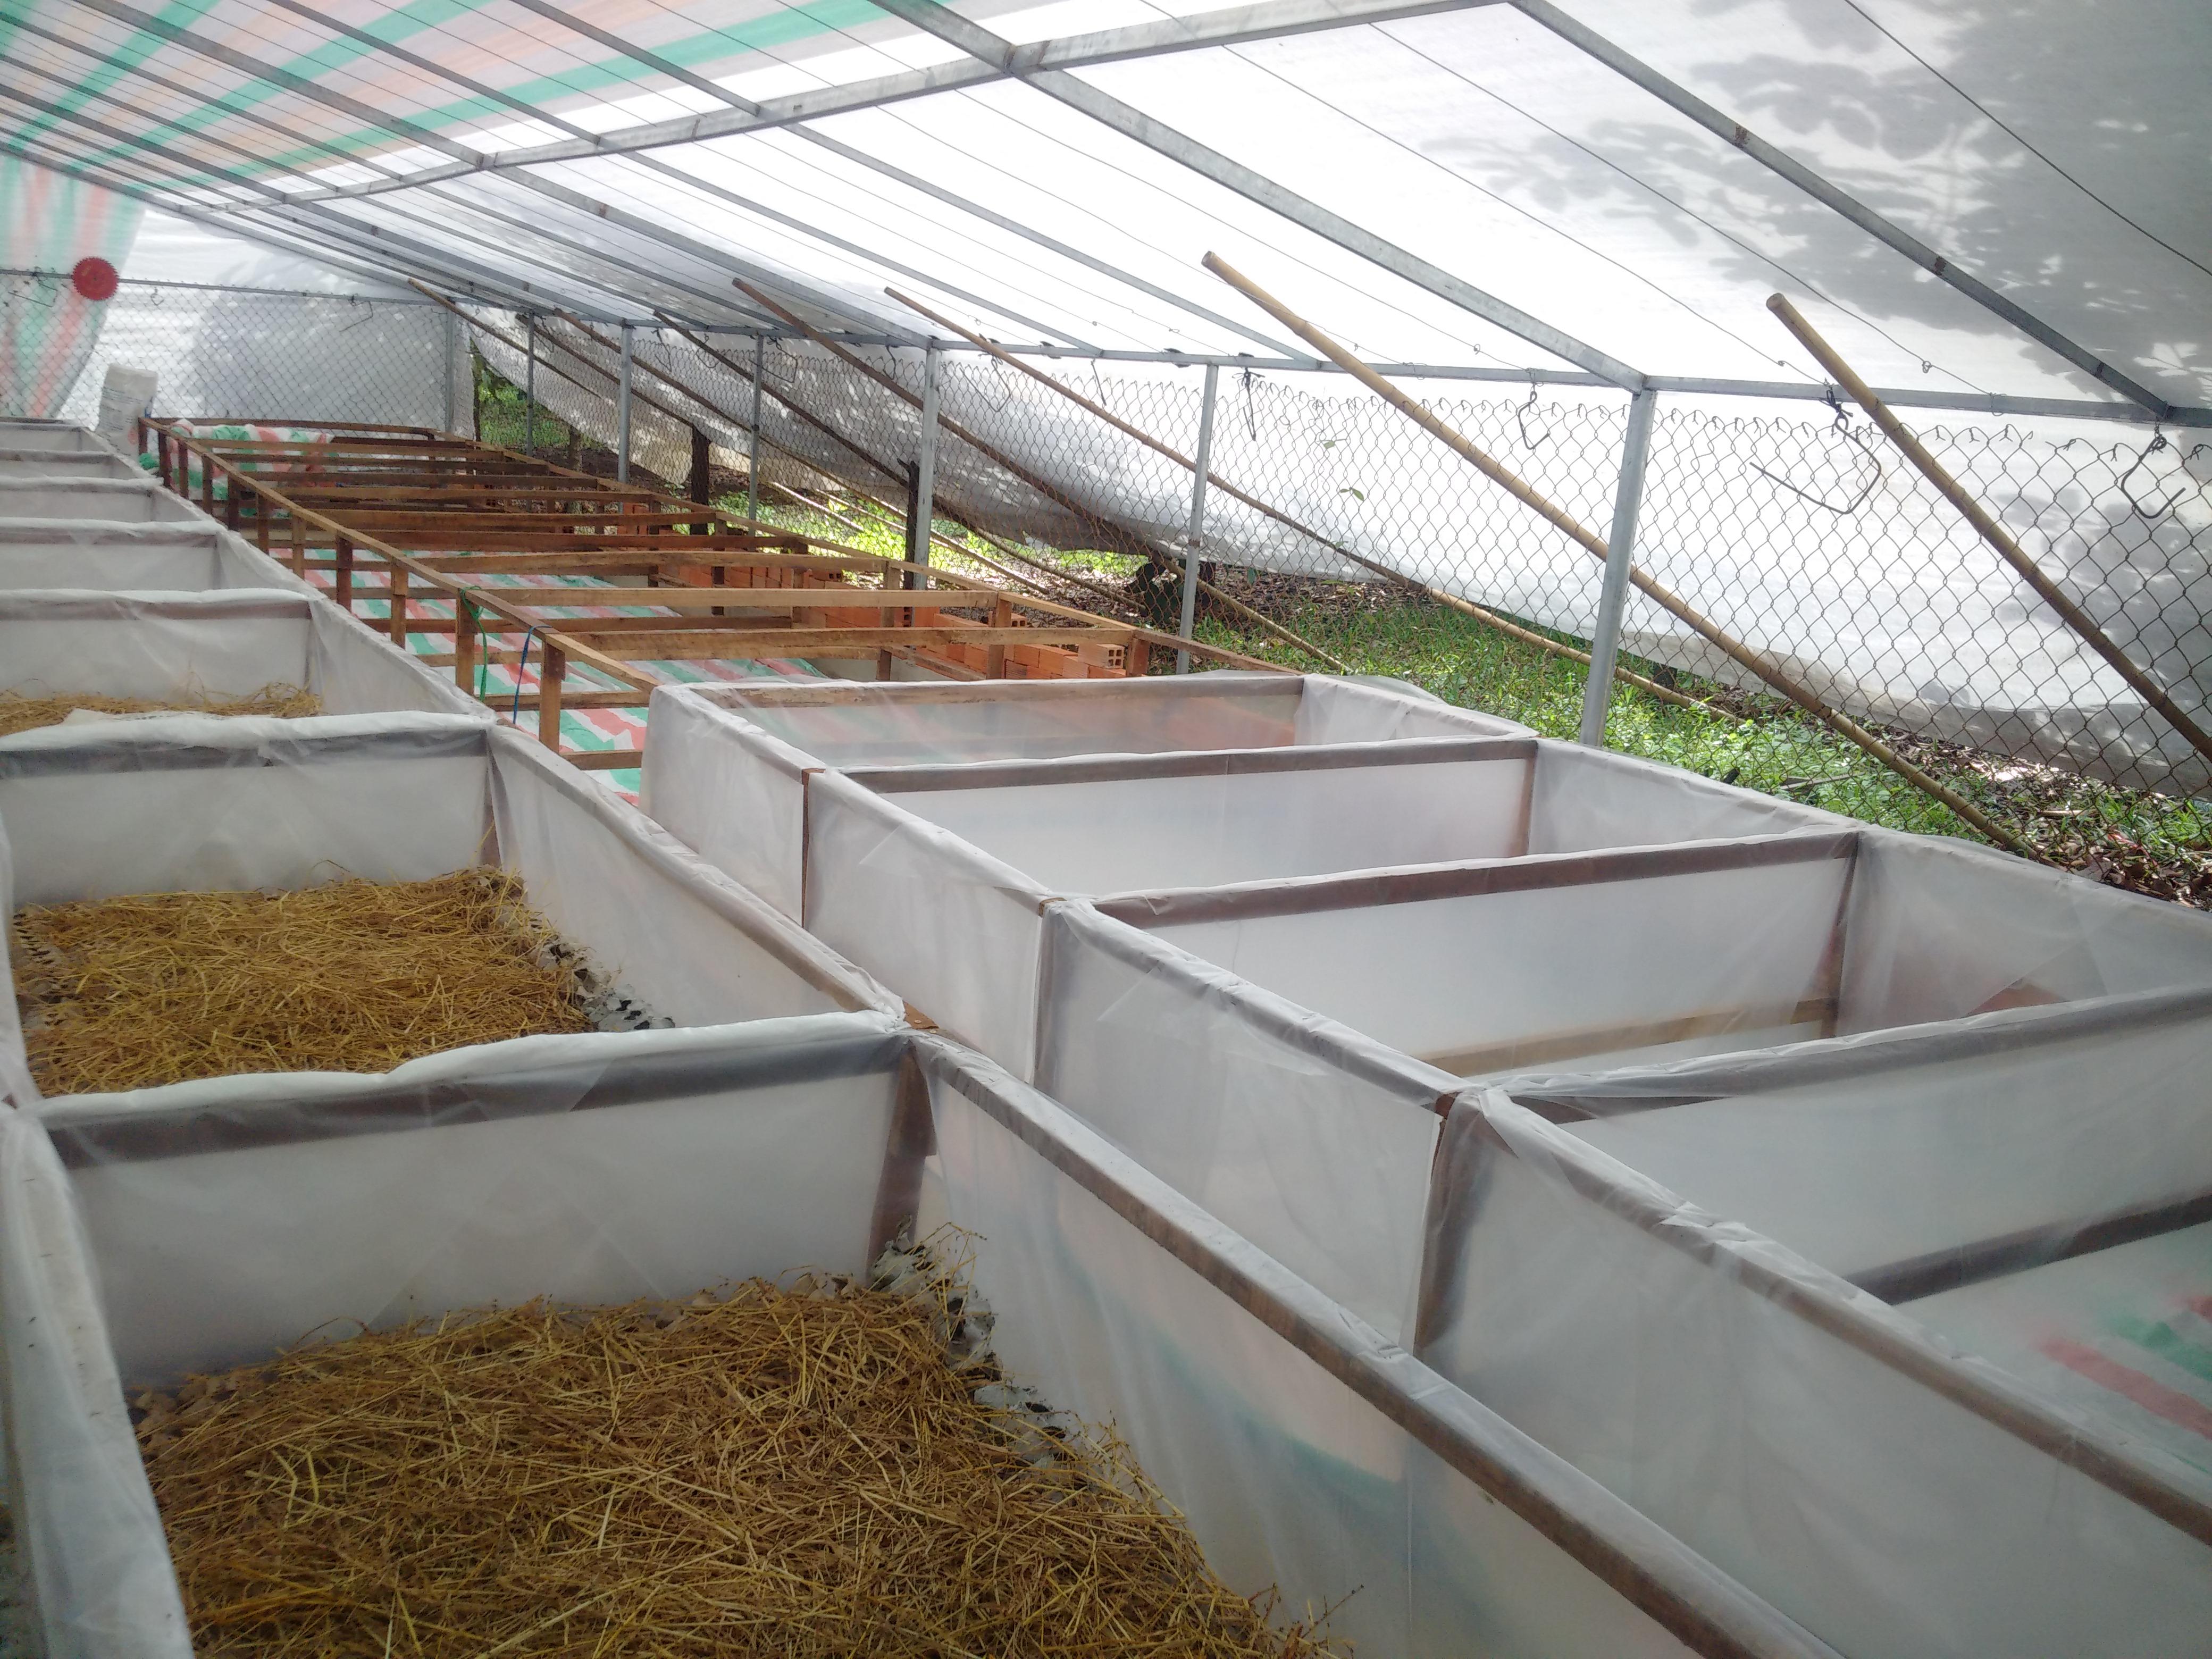 hình ảnh sản phẩm địa chỉ nơi bán cung cấp dế thịt đông lạnh đóng hộp giá sỉ lẻ tại đồng nai